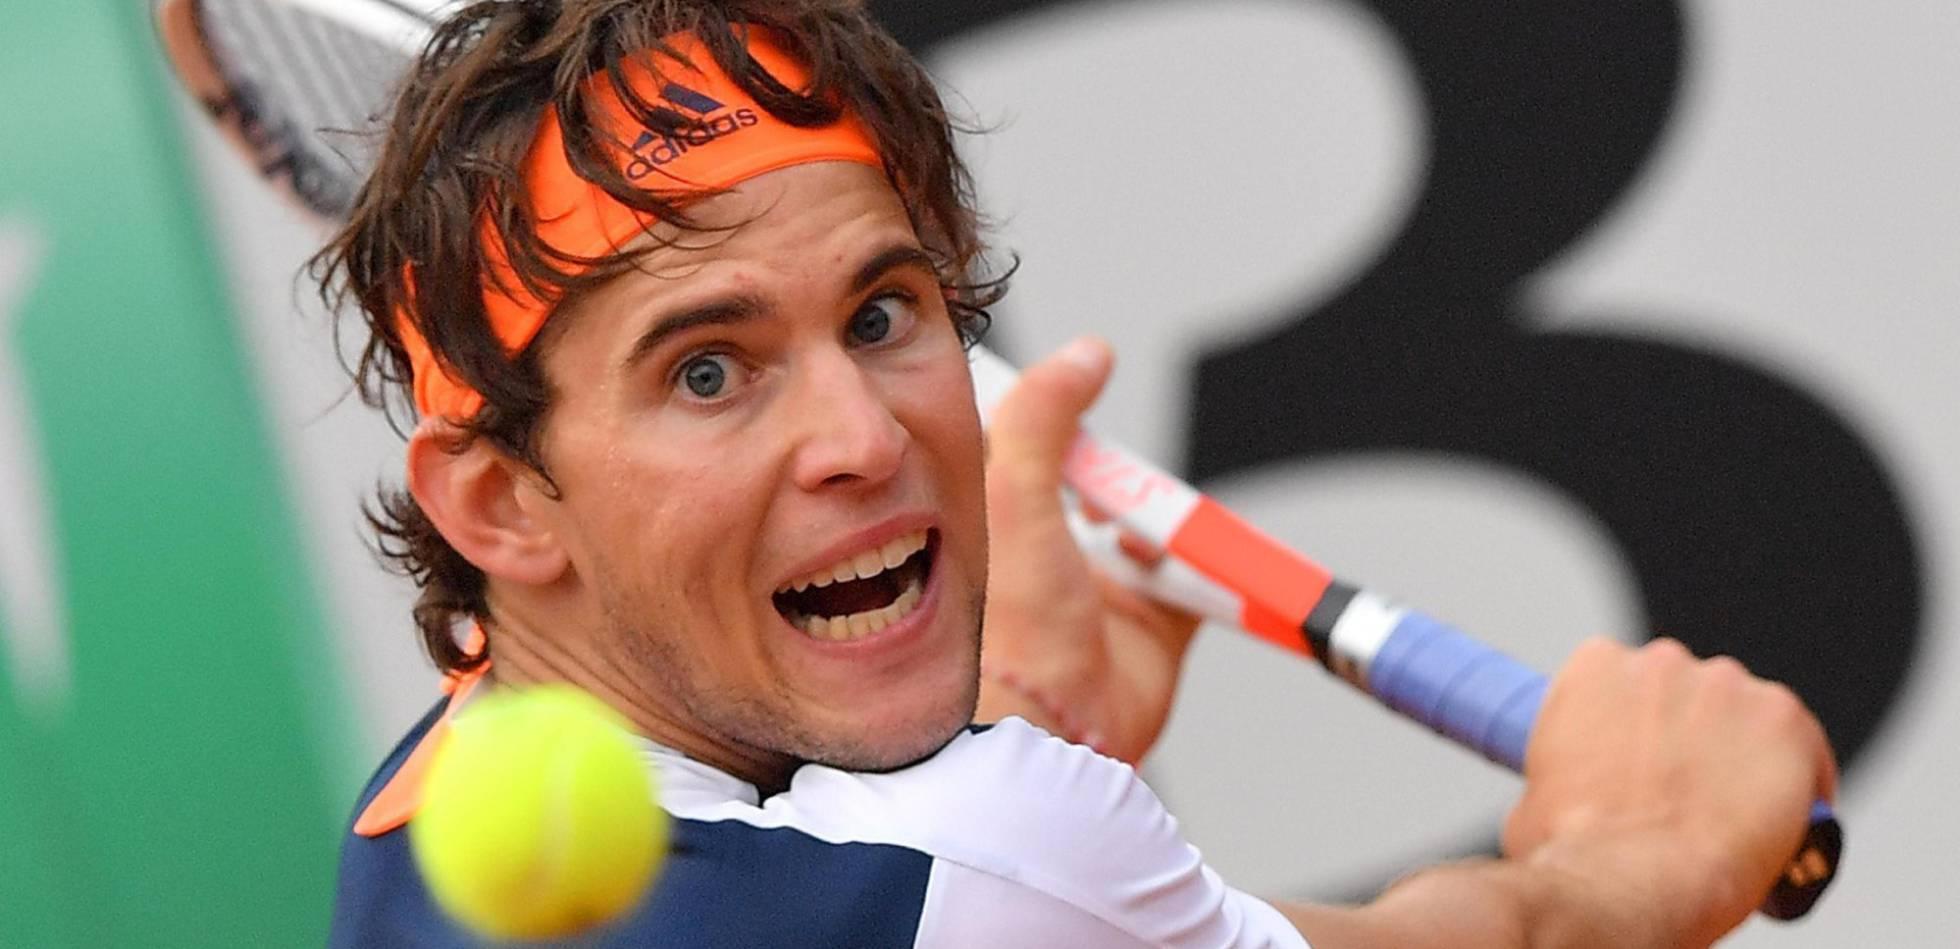 El austríaco Thiem remonta al maestro Federer y logra el mayor título de su carrera